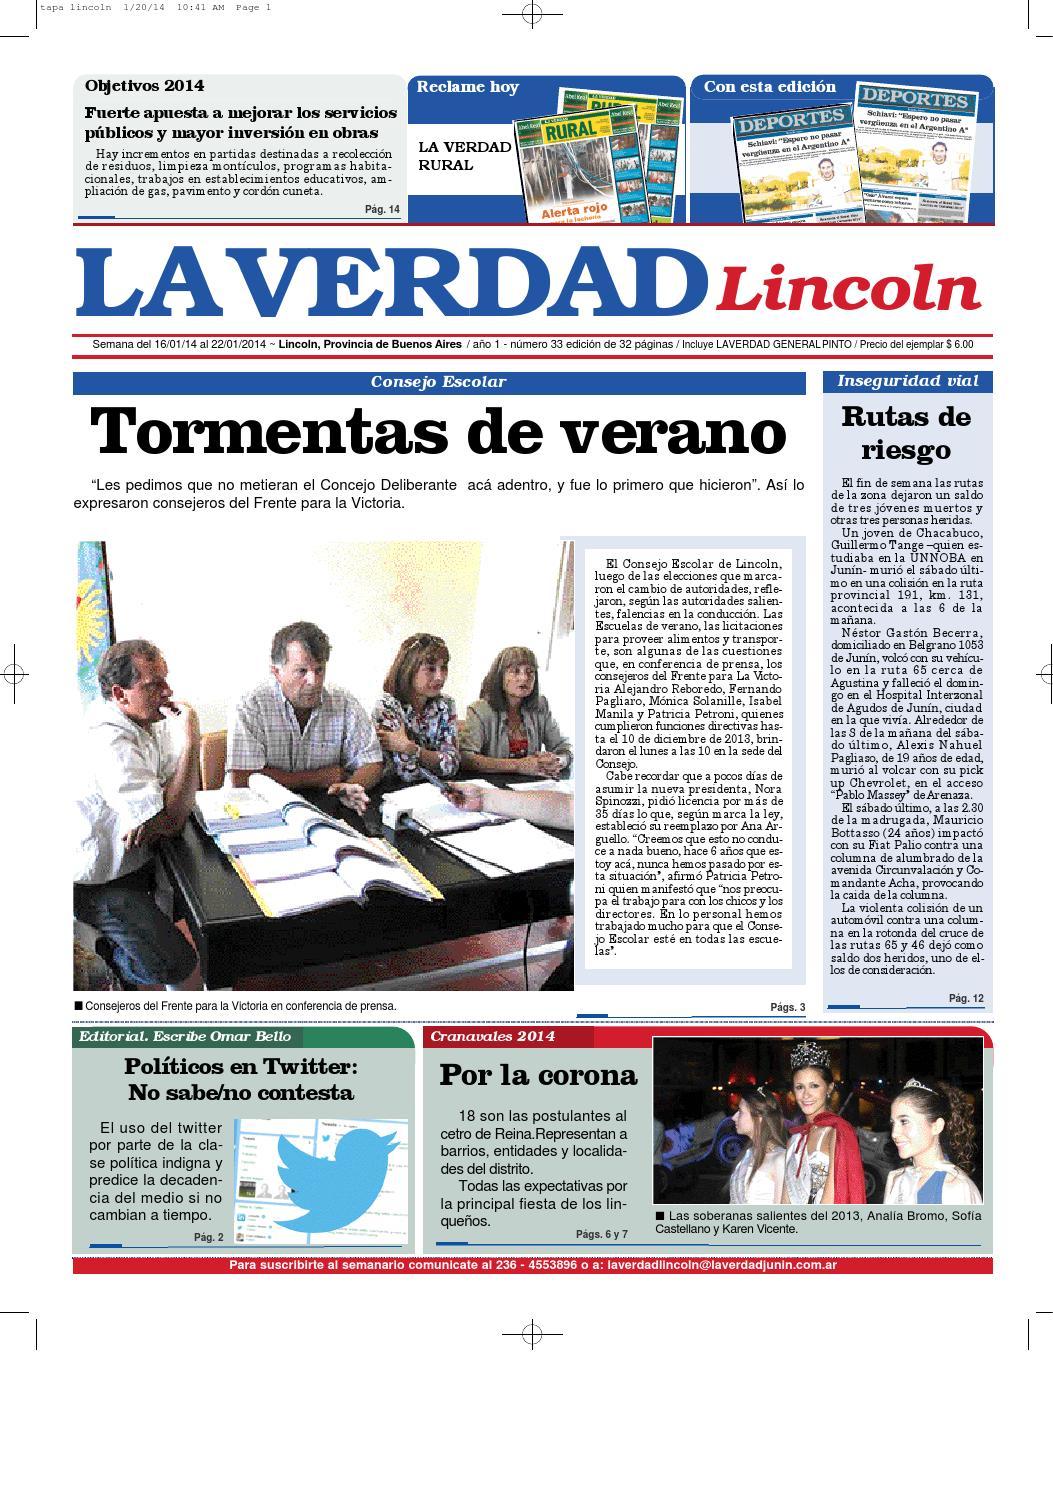 La Verdad Lincoln by Diario La Verdad - issuu